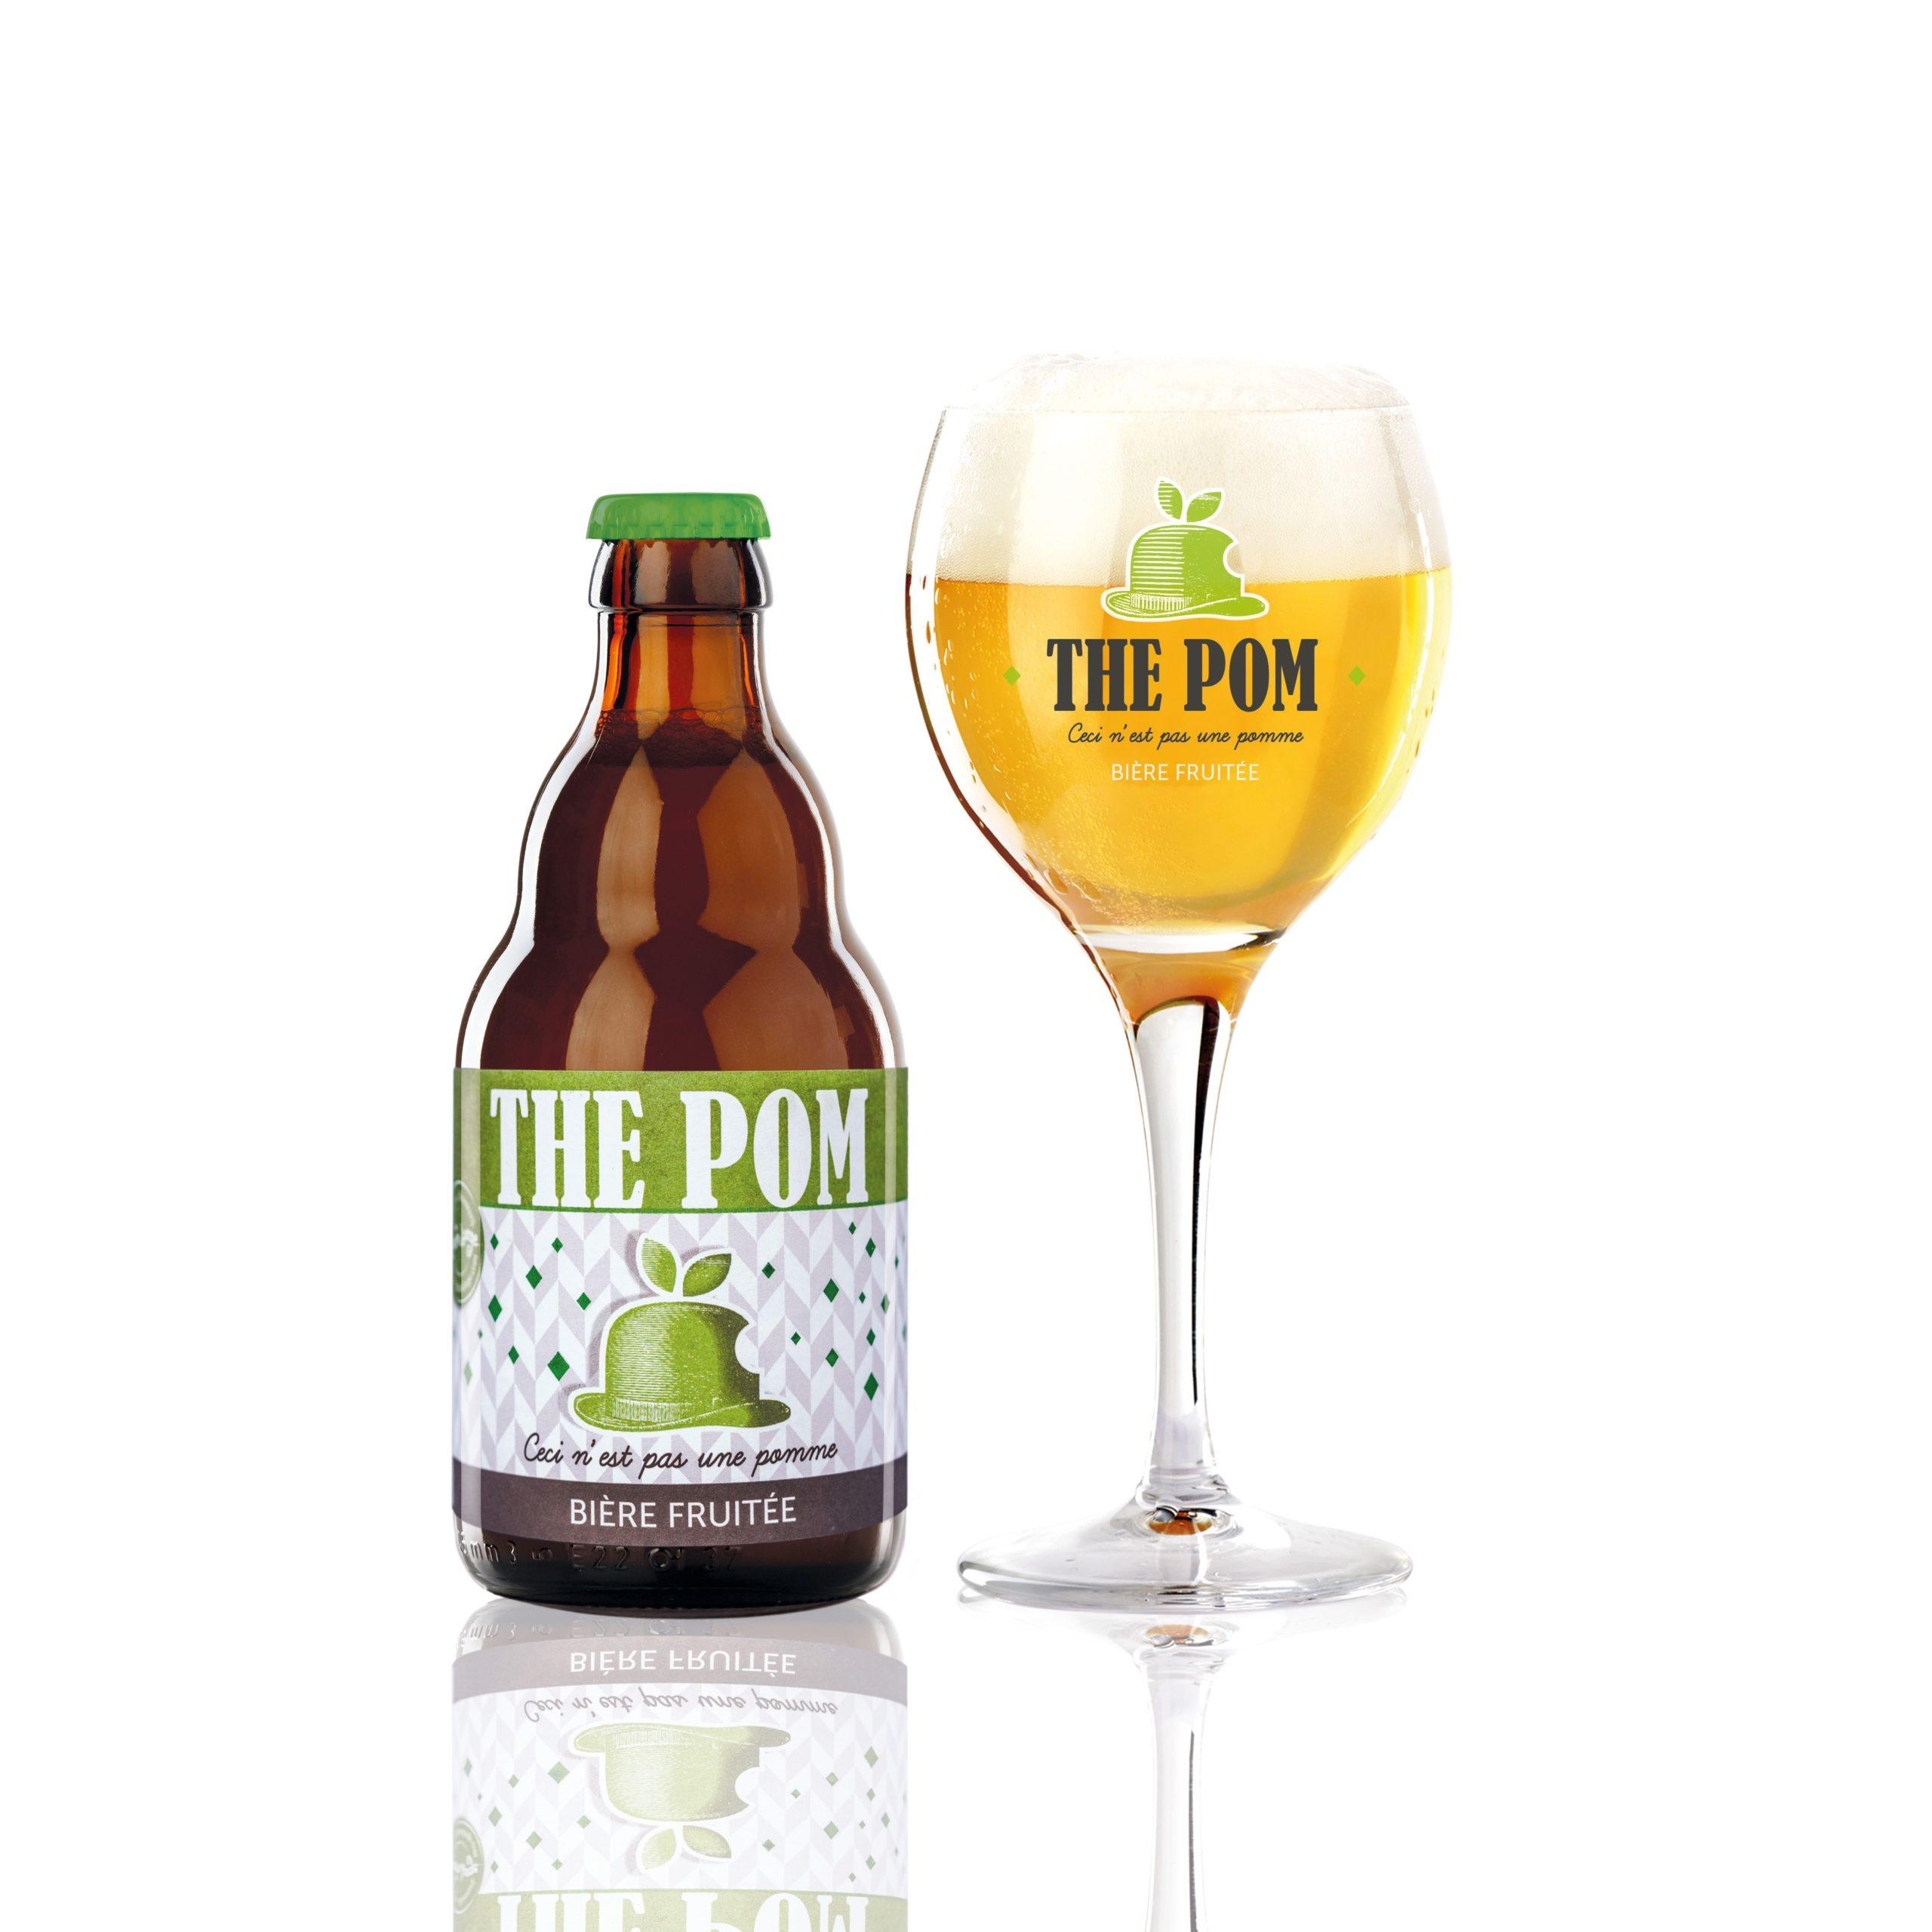 The Pom